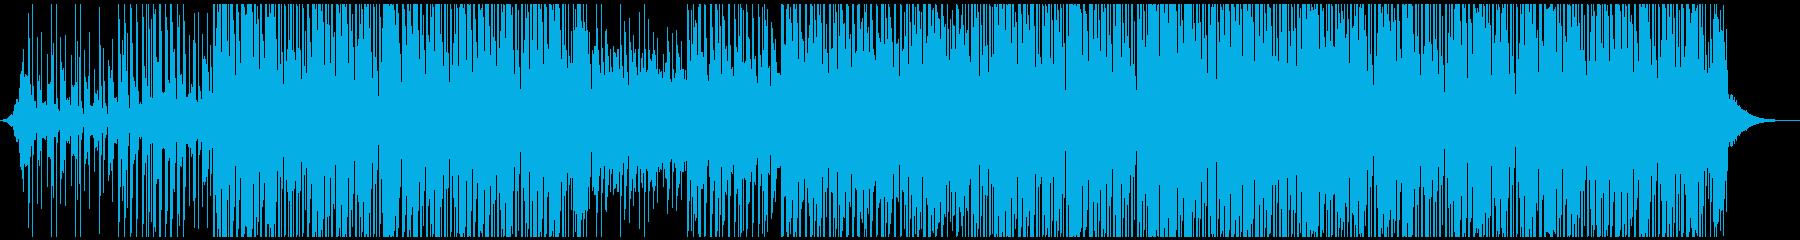 トロピカルポップの再生済みの波形